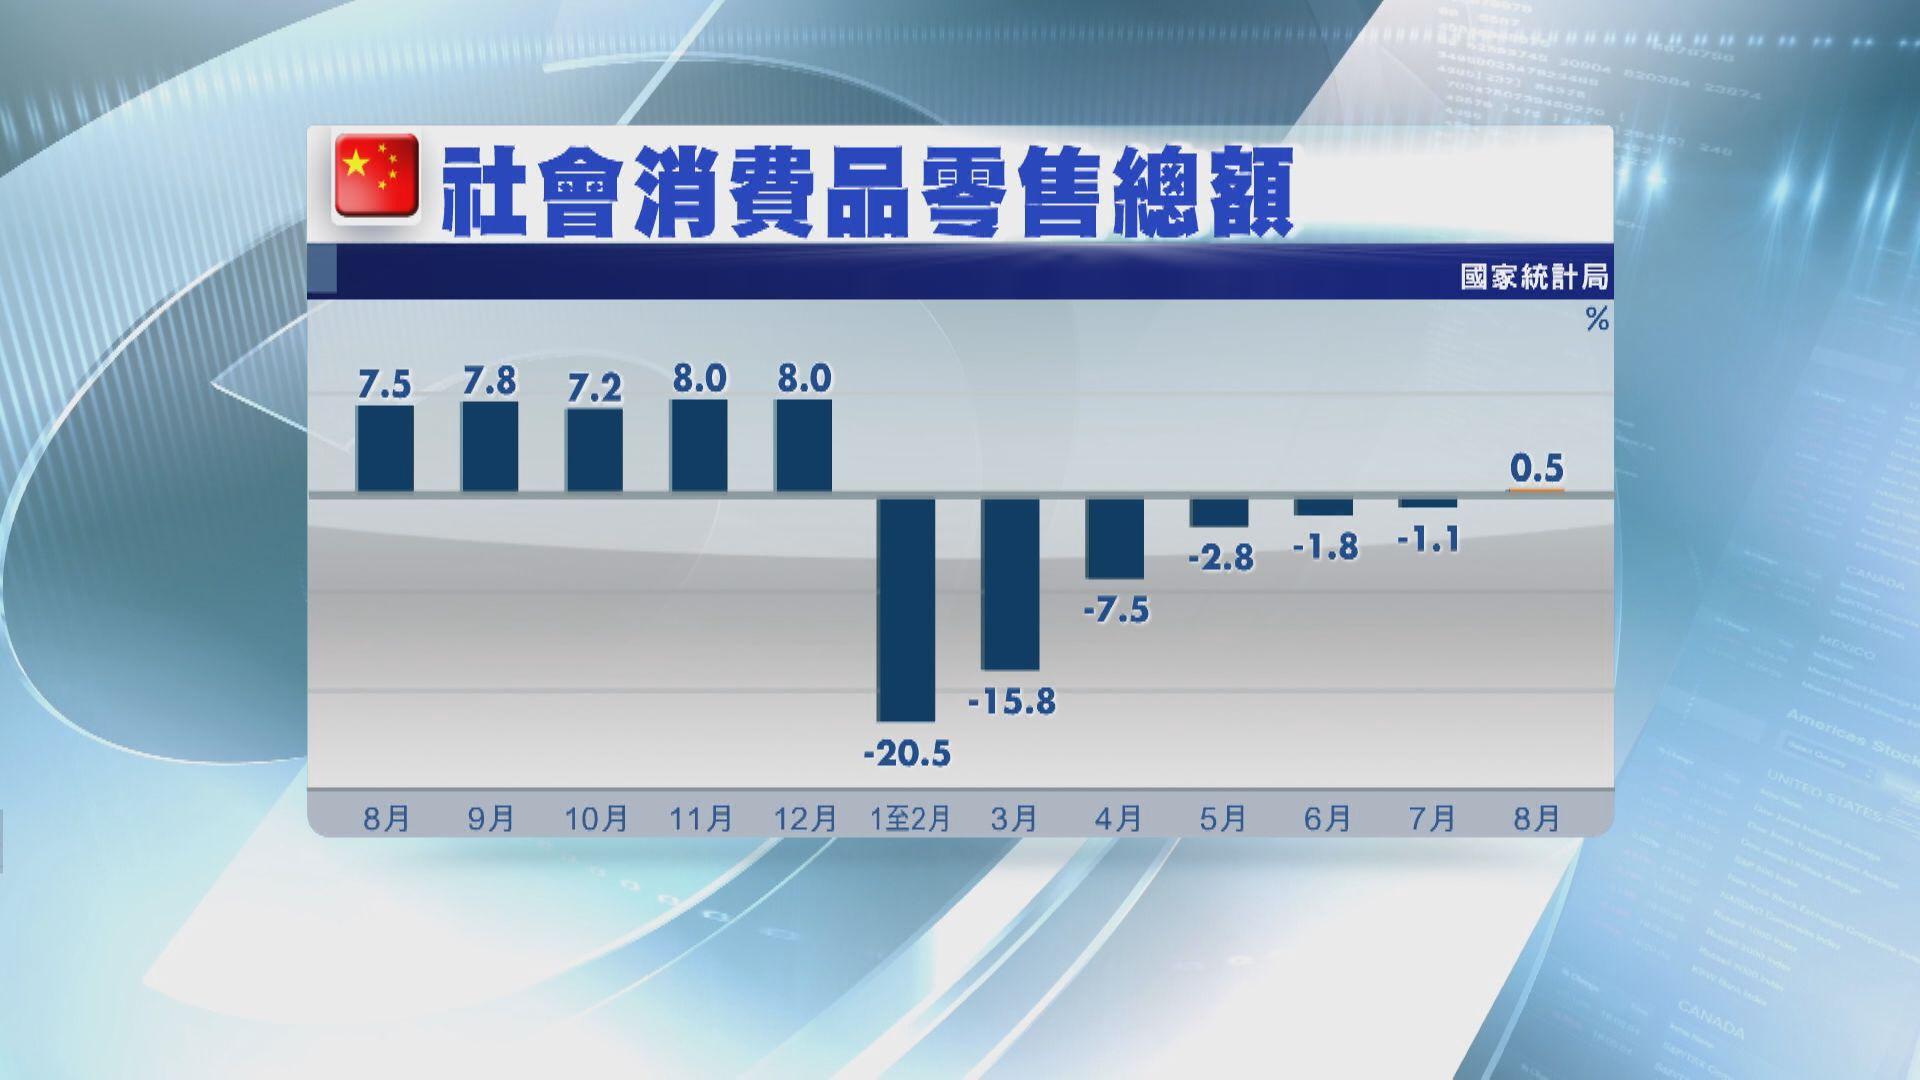 內地上月零售銷售及工業增加值 均勝預期